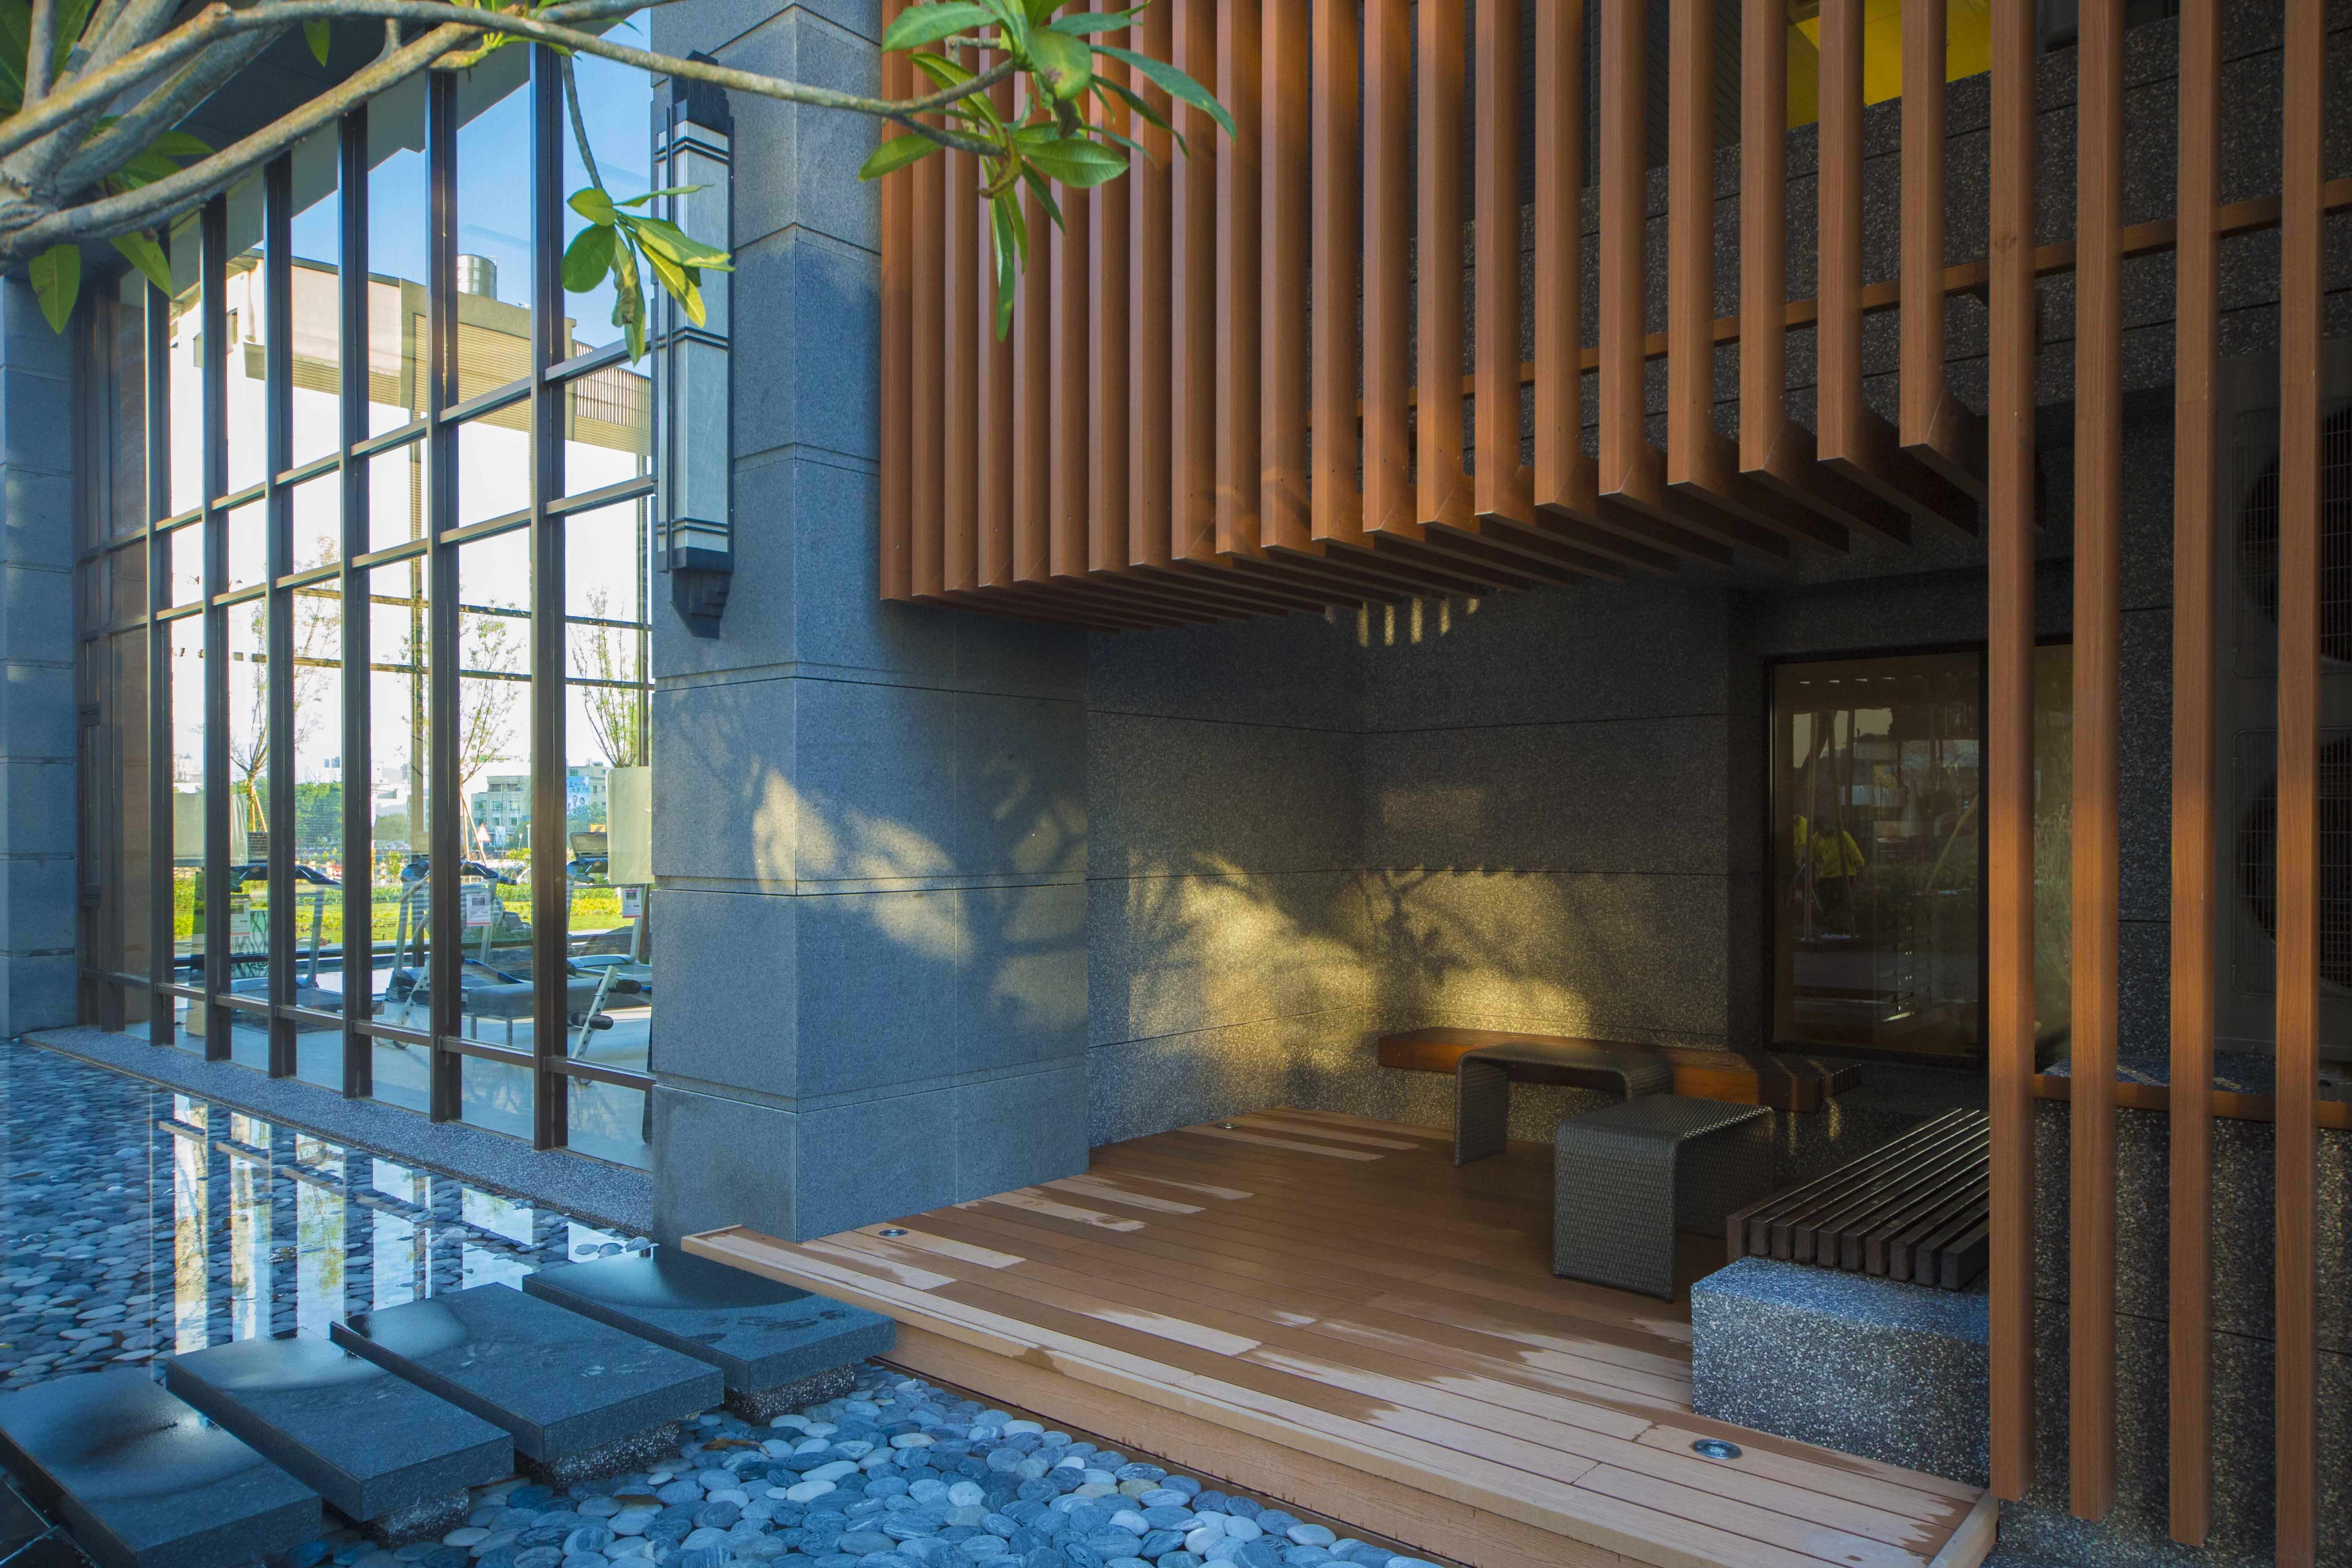 柚木、鐵刀木、南方松….;以自然原生木材線條紋理構建人文氣質氛圍。自然、健康、舒適;用原木特有的柔性及韌性替代生硬的人工鋼鐵、水泥,捨棄過多的人造加工元素,將木材格柵元素與鐵件接合設計;,讓家居生活留下一抹久違的寧靜悠閒。生活從這理開始…………